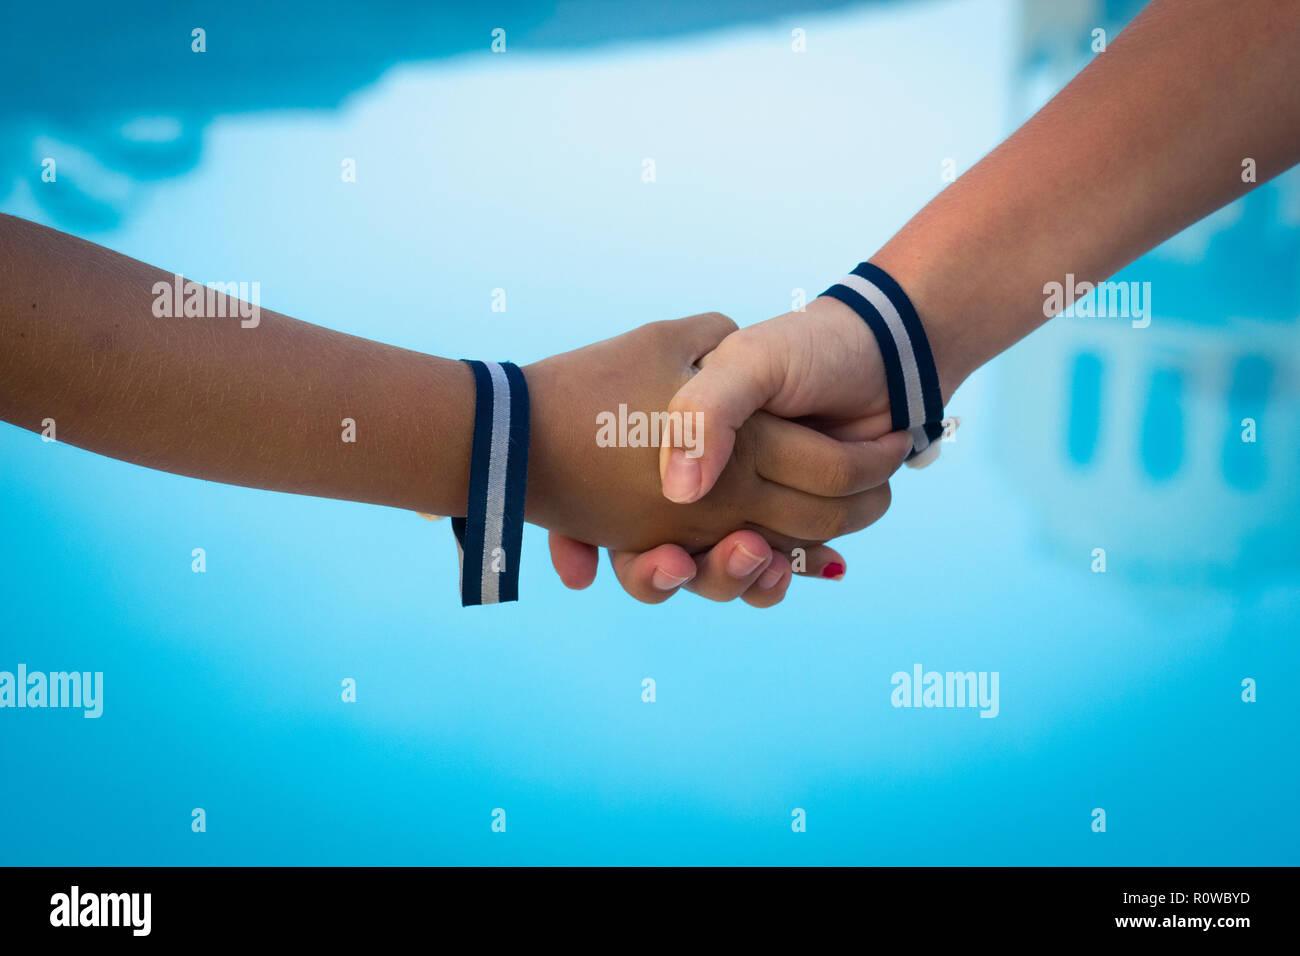 c20077f82beb Los niños agitando las manos en el agua azul de fondo. Rayas ...